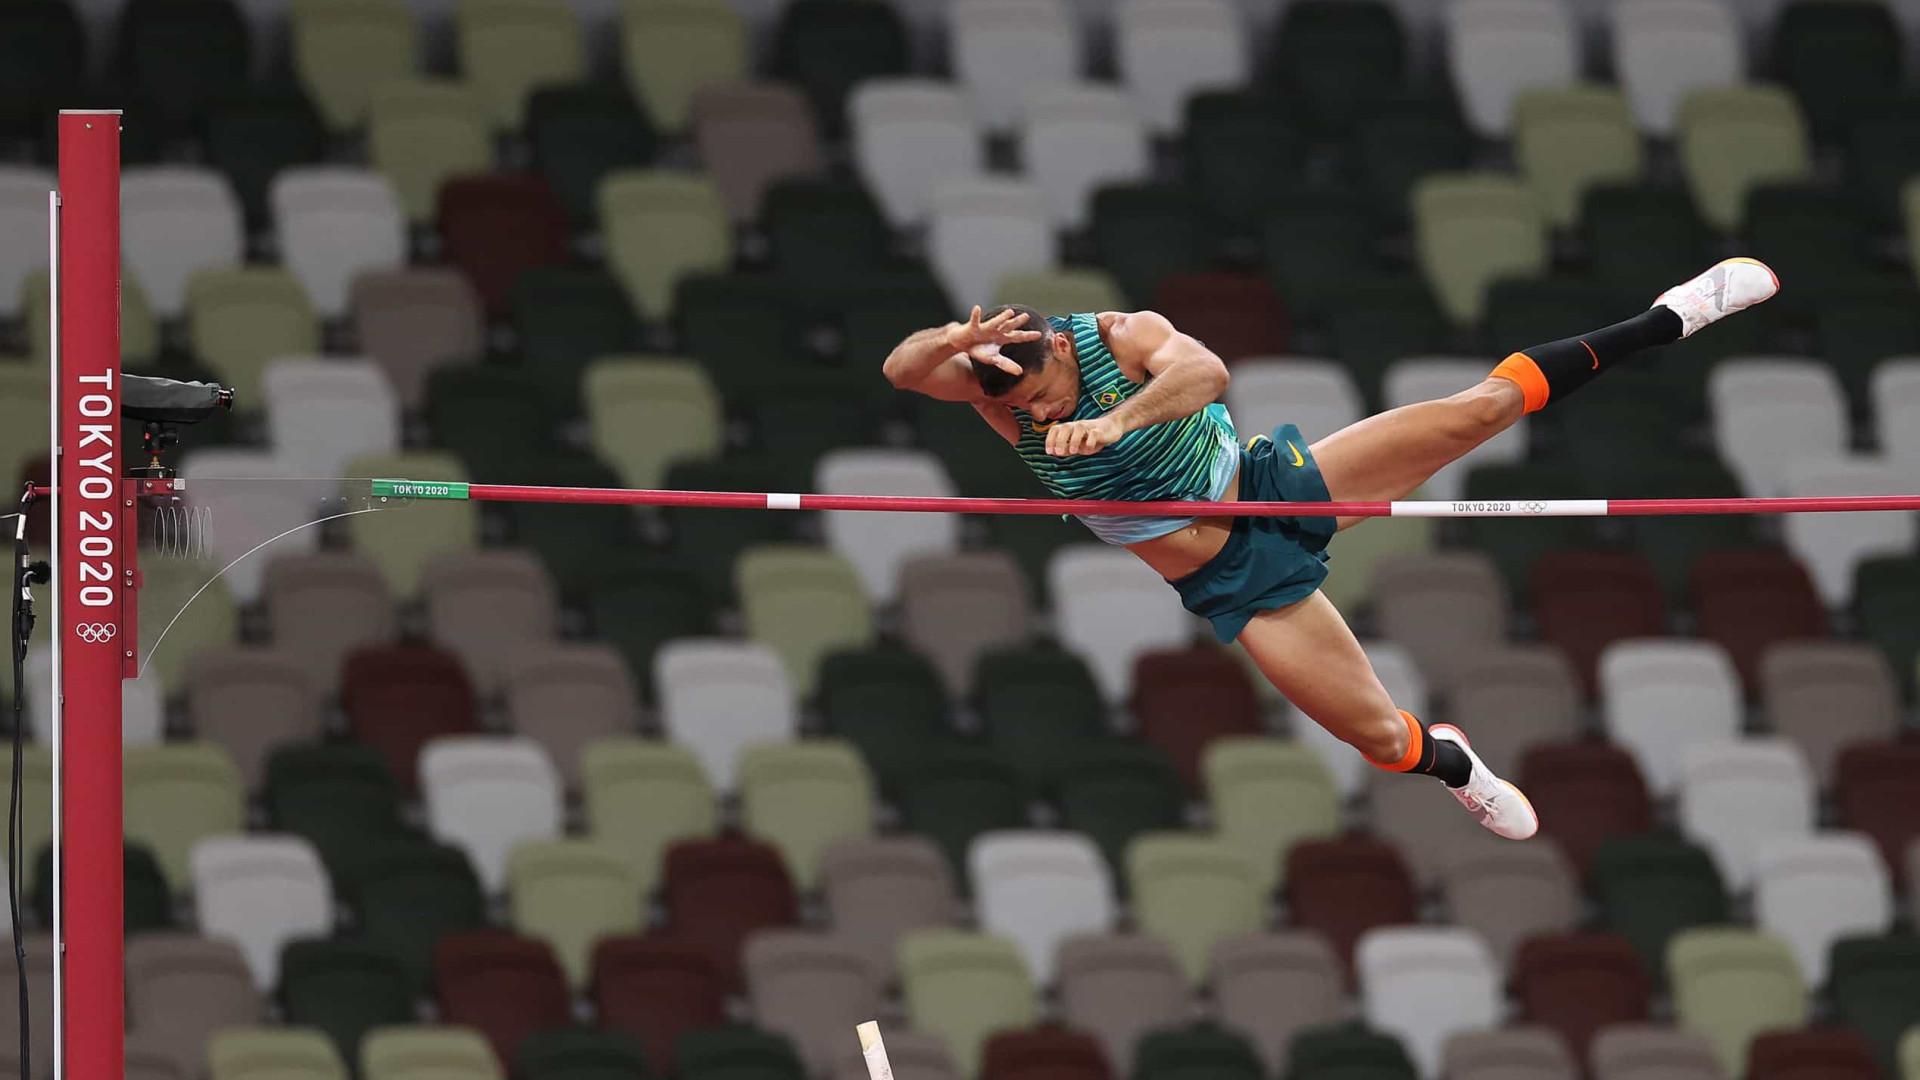 Brasileiro Thiago Braz conquista o bronze no salto com vara